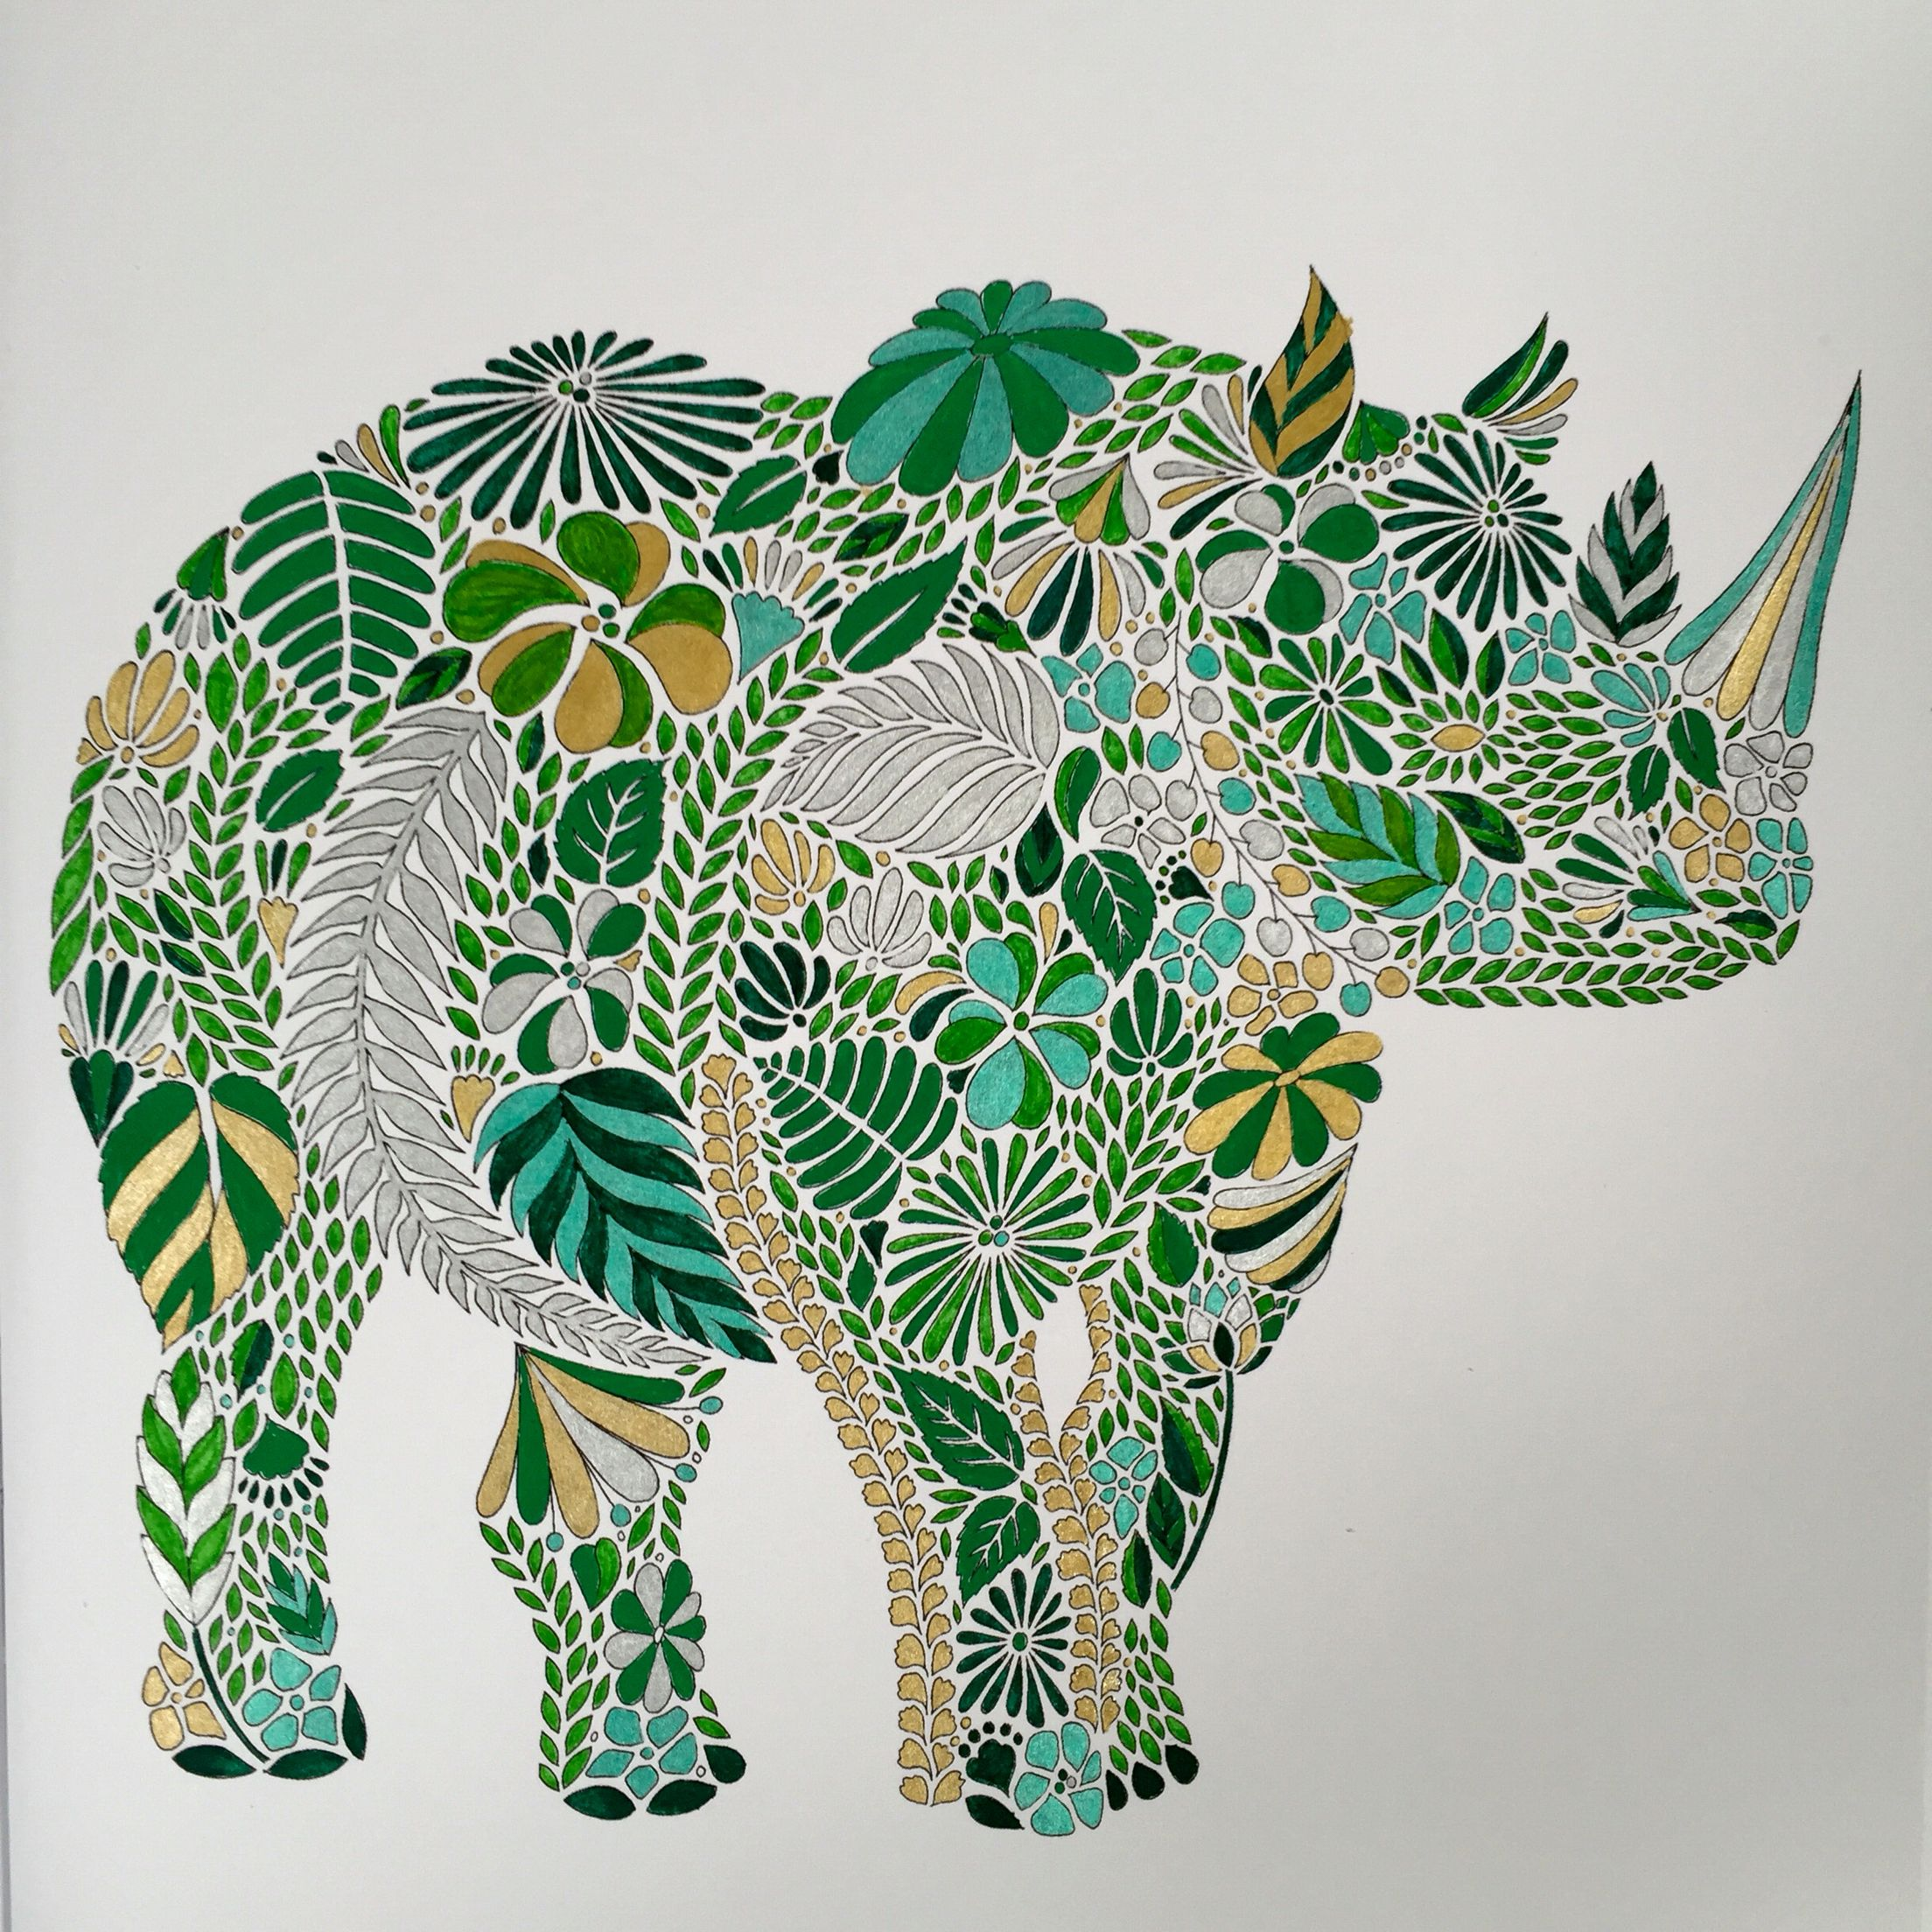 Explore Colouring Coloring Books And More Millie Marotta Animal Kingdom Rhino